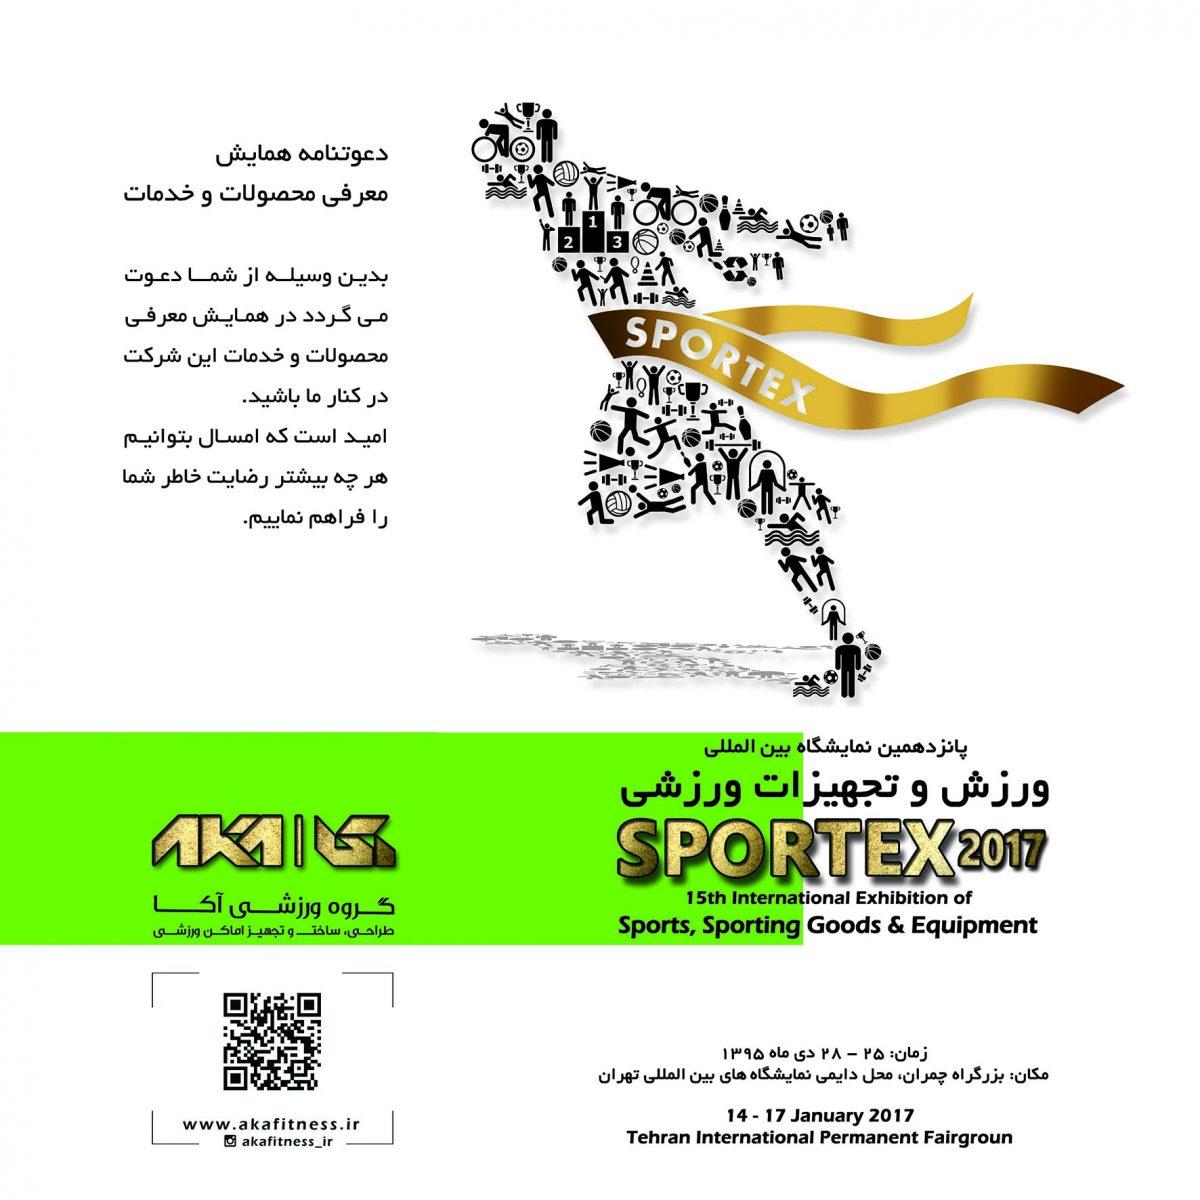 پانزدهمین نمایشگاه بین المللی ورزش و تجهیزات ورزشی